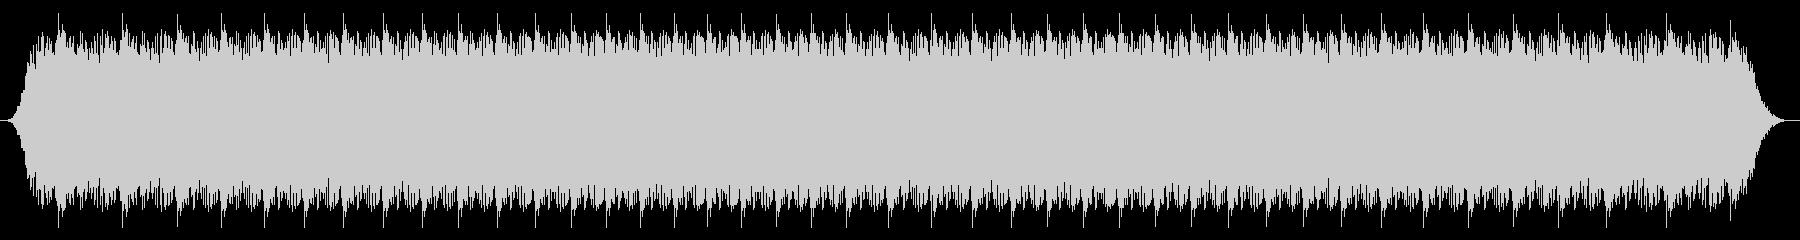 SNES レース01-01(エンジン)の未再生の波形